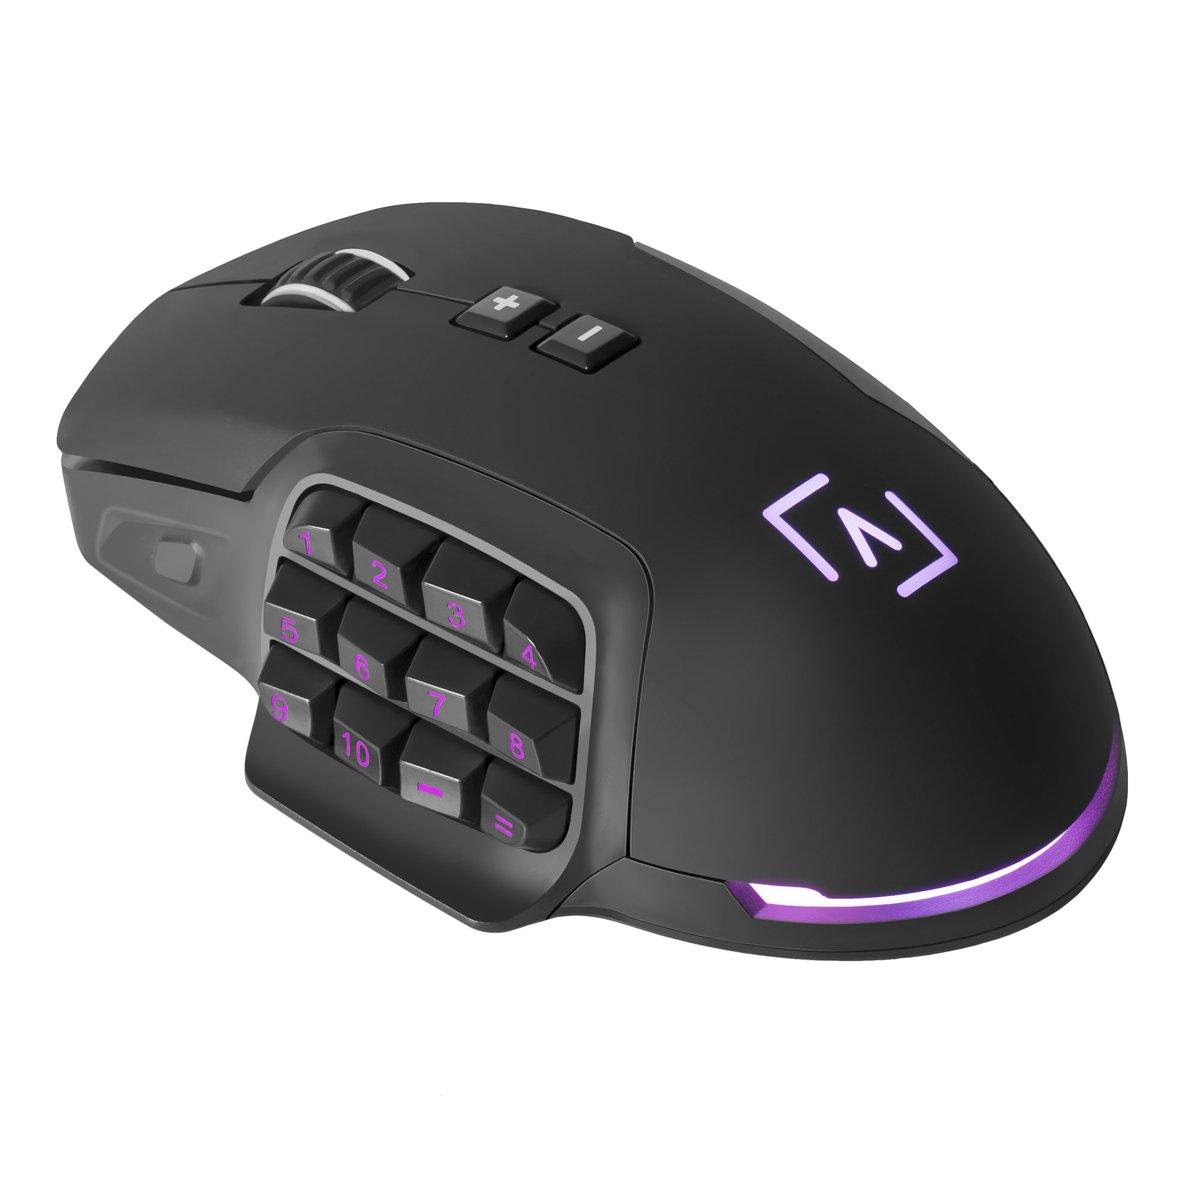 El ratón AIM cuenta con un exclusivo sistema de personalización total de botones y peso. Además cuenta con un potente software de control e iluminación RGB 😎 🌟 http://aimgaming.eu/tienda/raton-aim/…